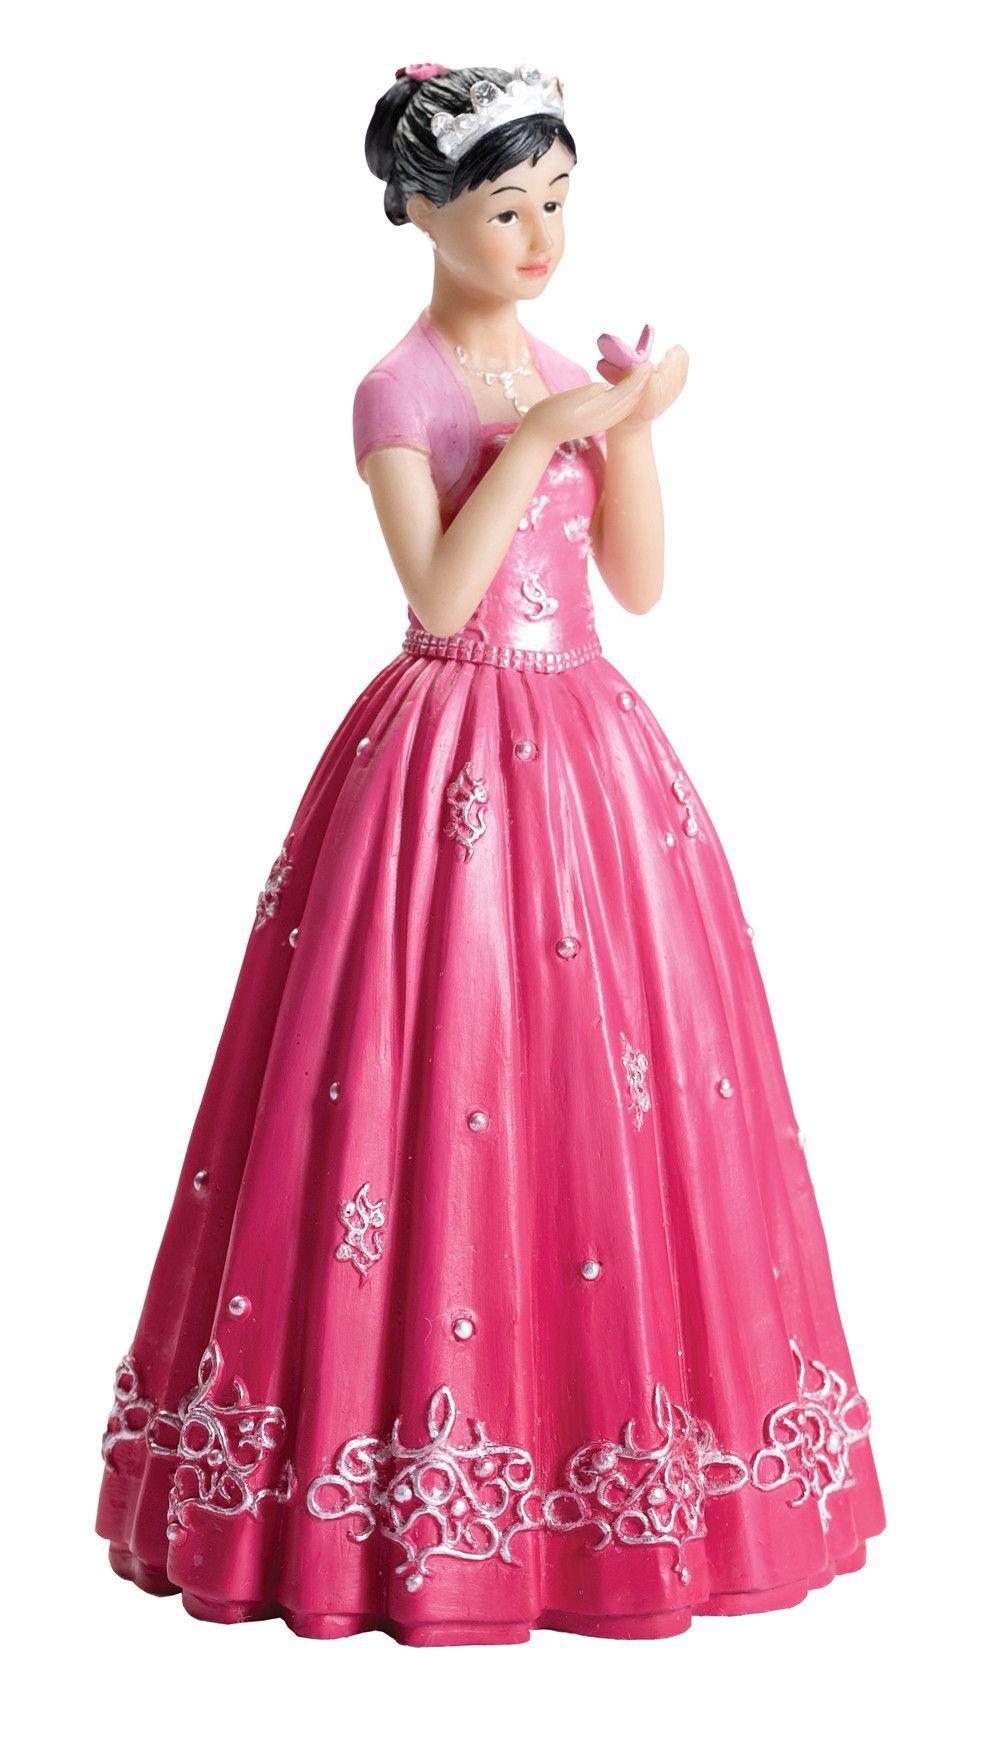 Encantador Alquilar Vestidos De Fiesta En Utah Ornamento - Colección ...